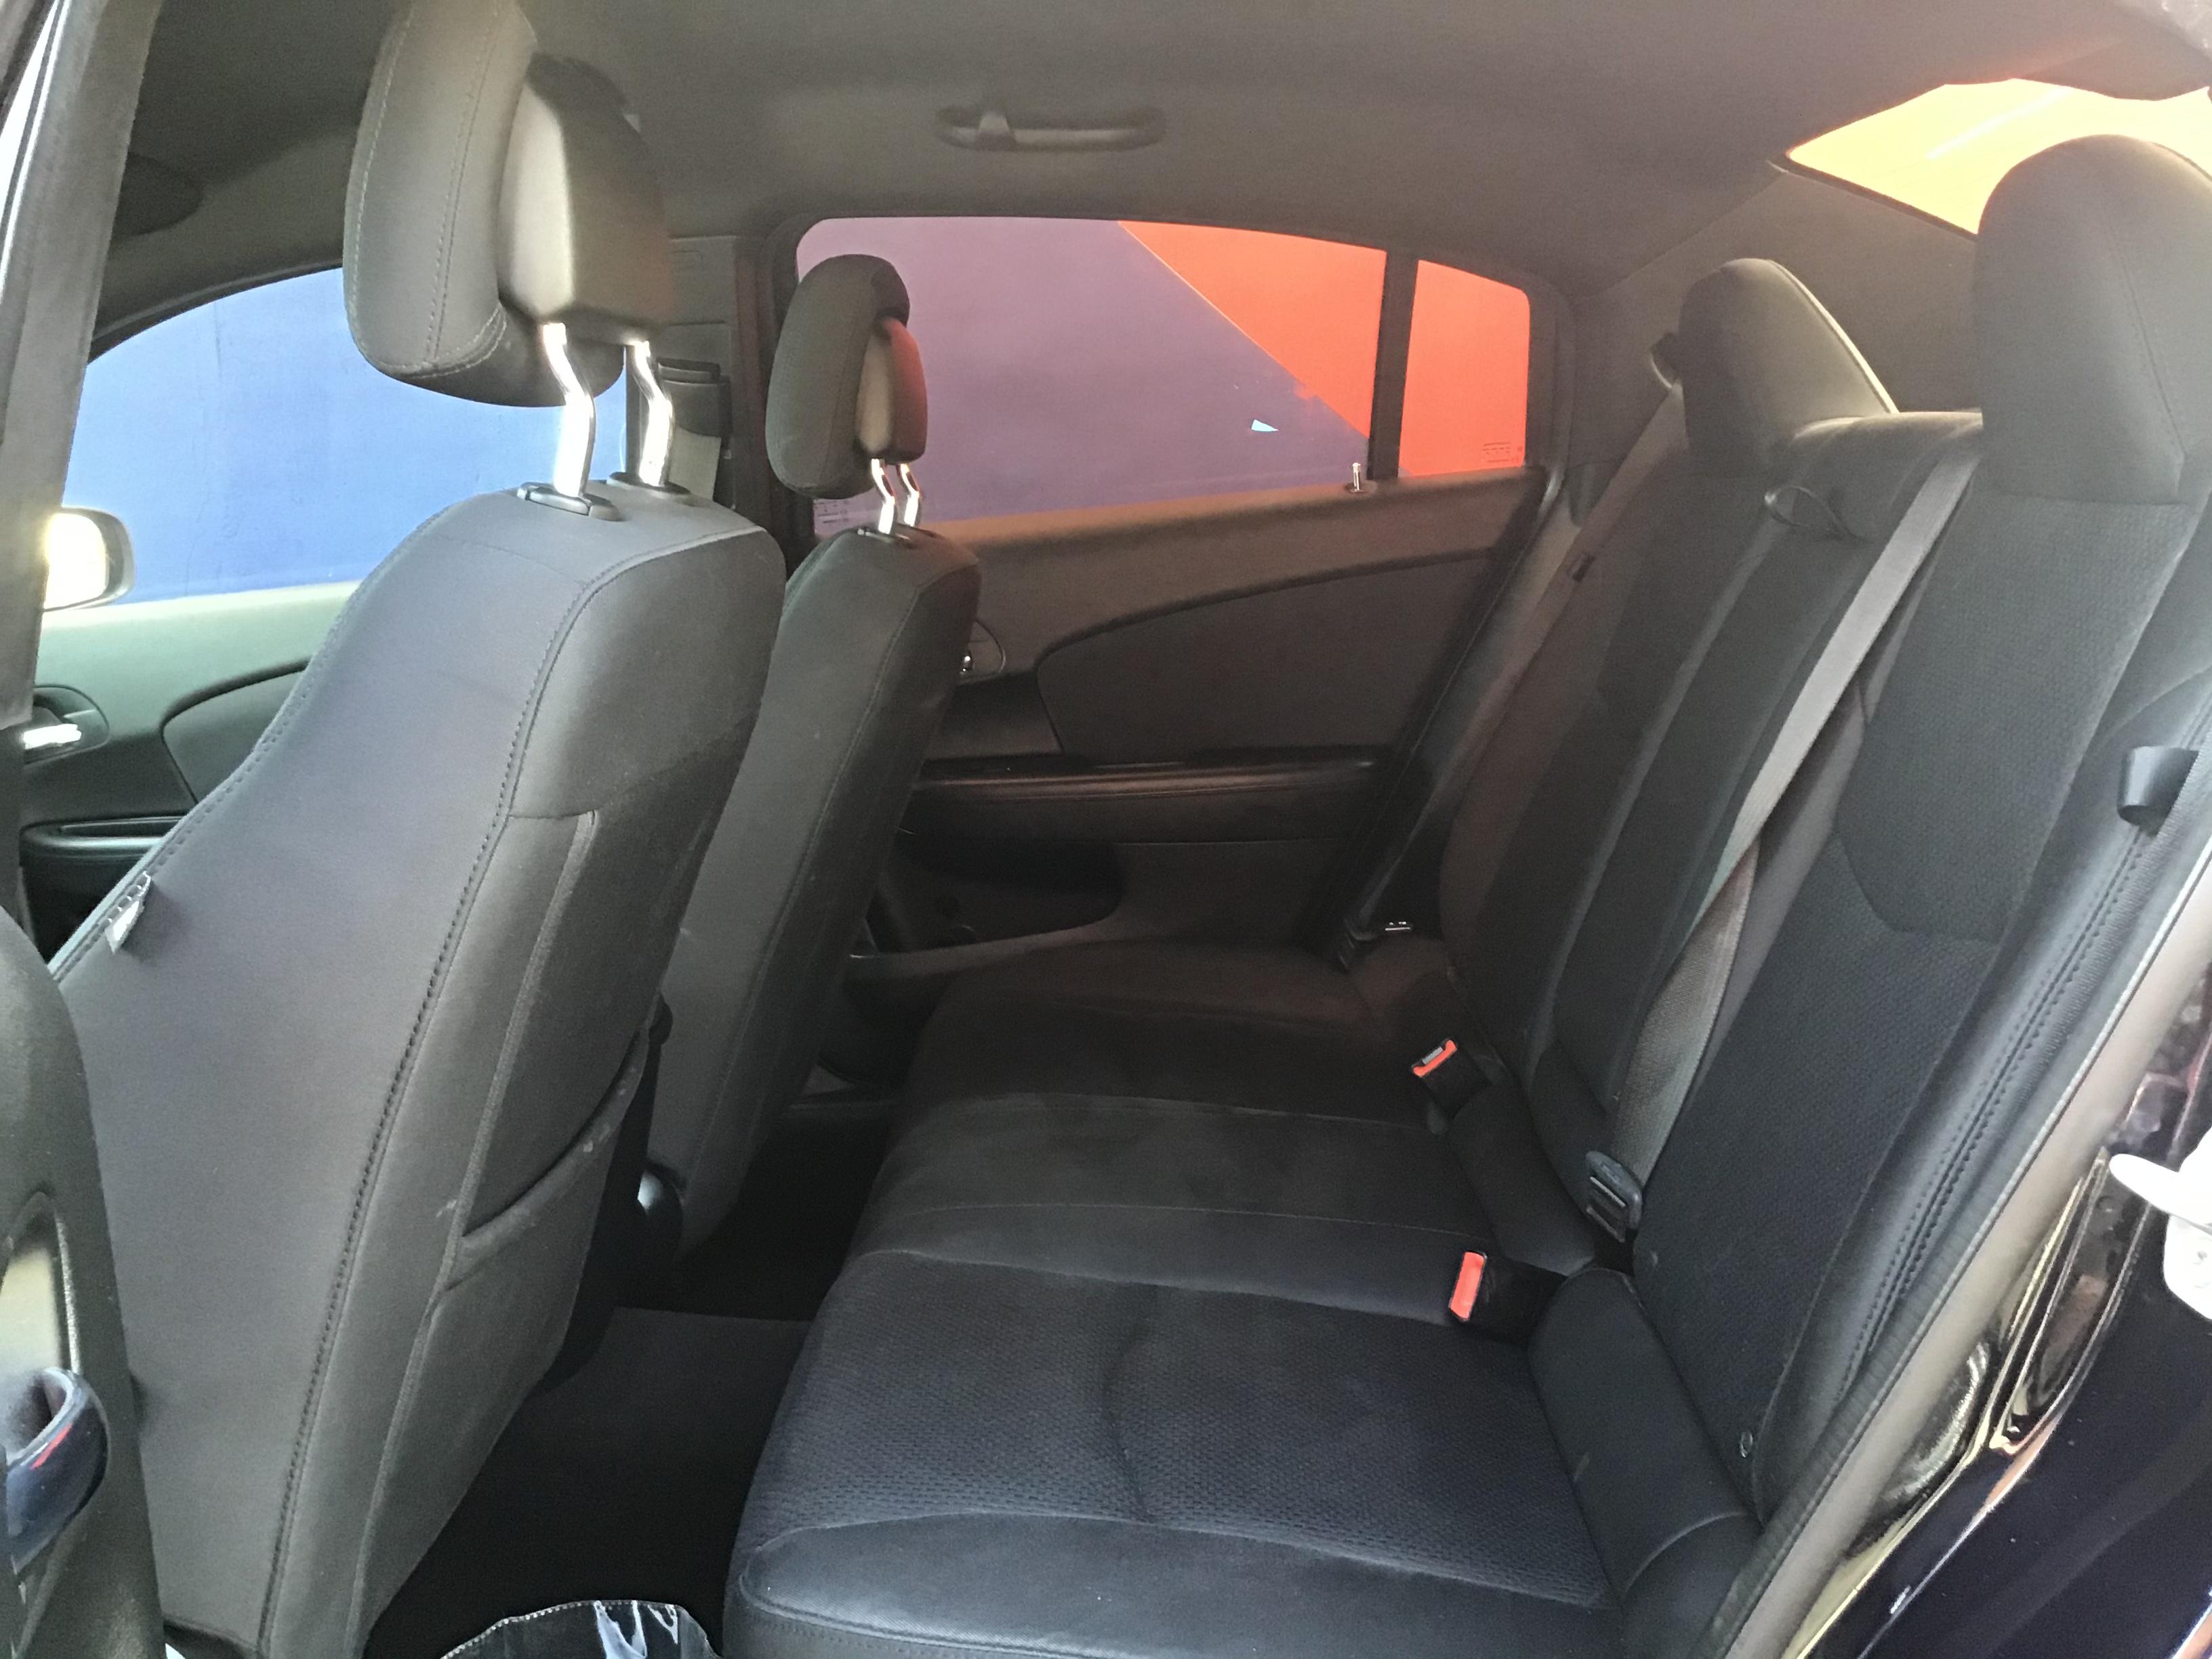 used vehicle - Sedan CHRYSLER 200 2012